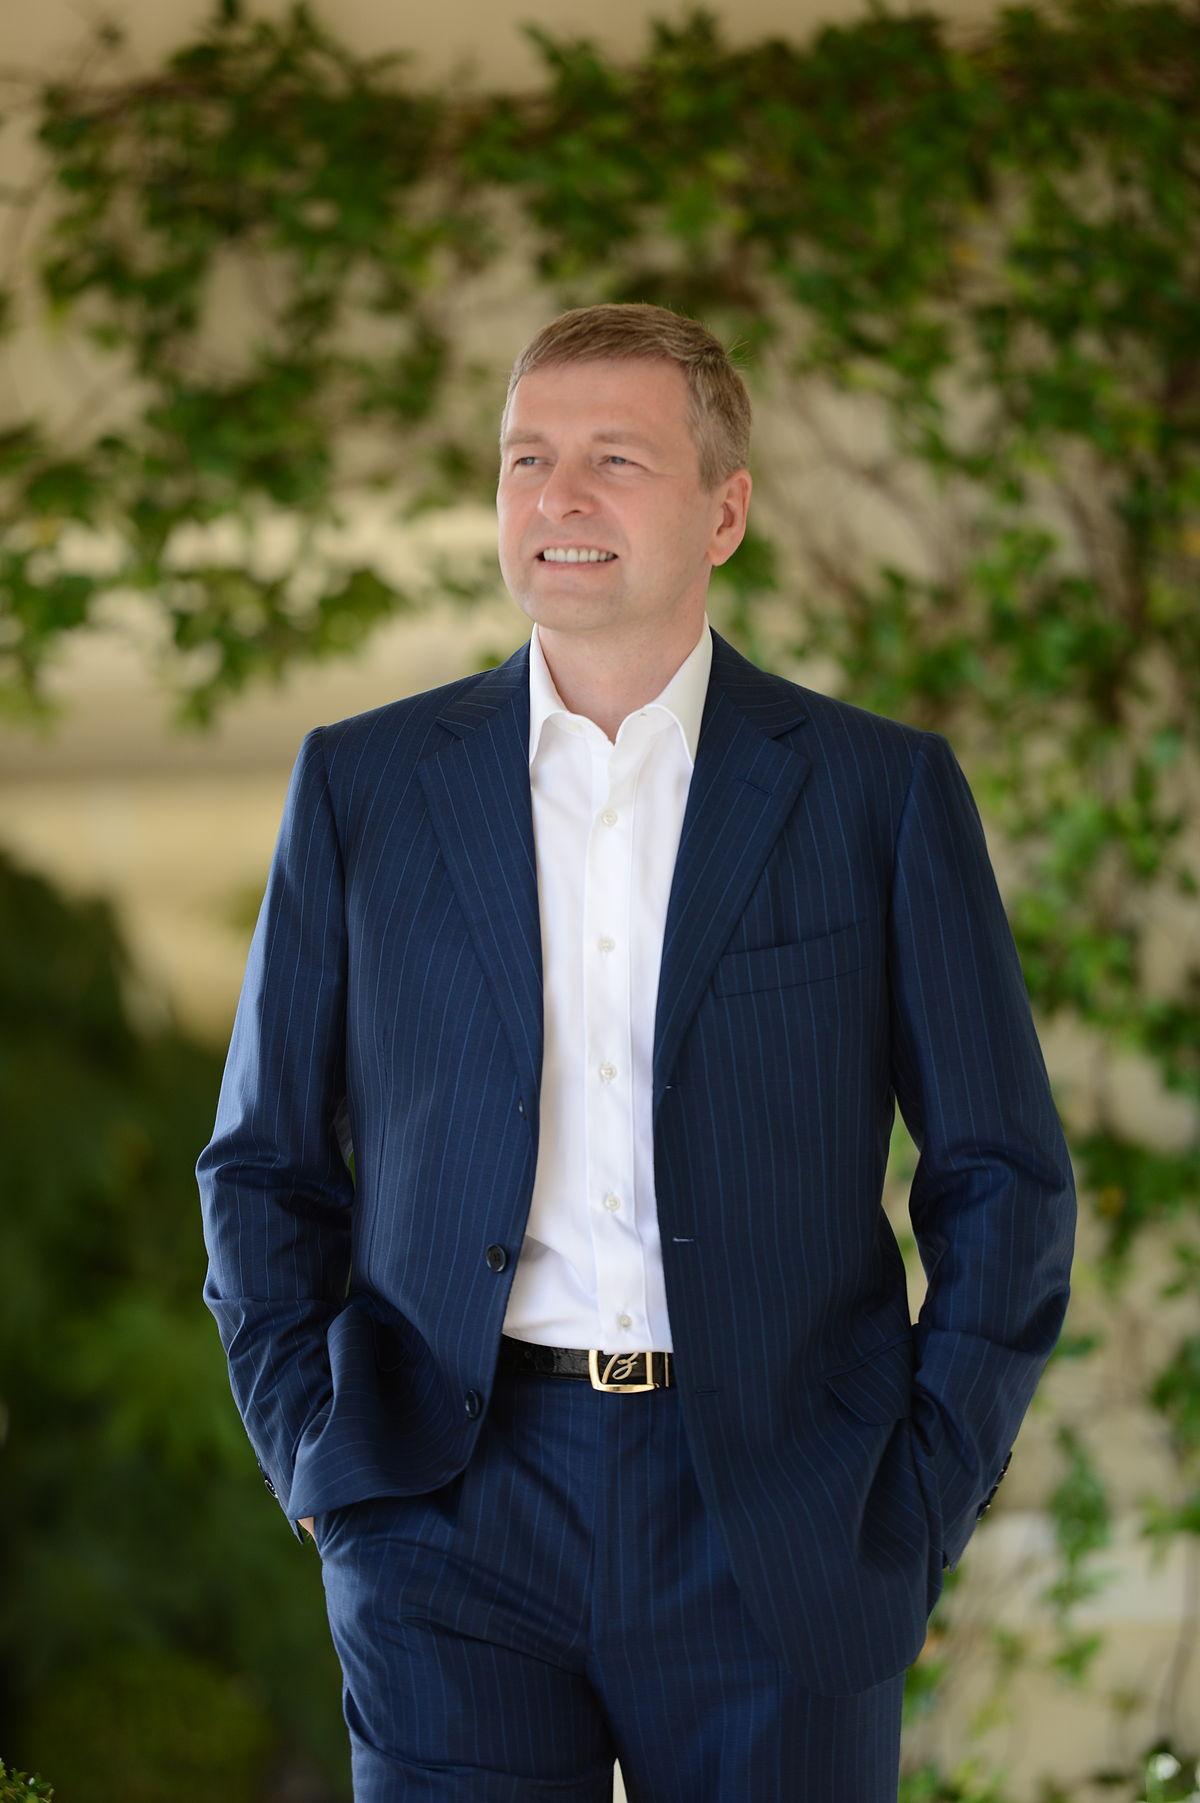 Dmitri Rybolowlew